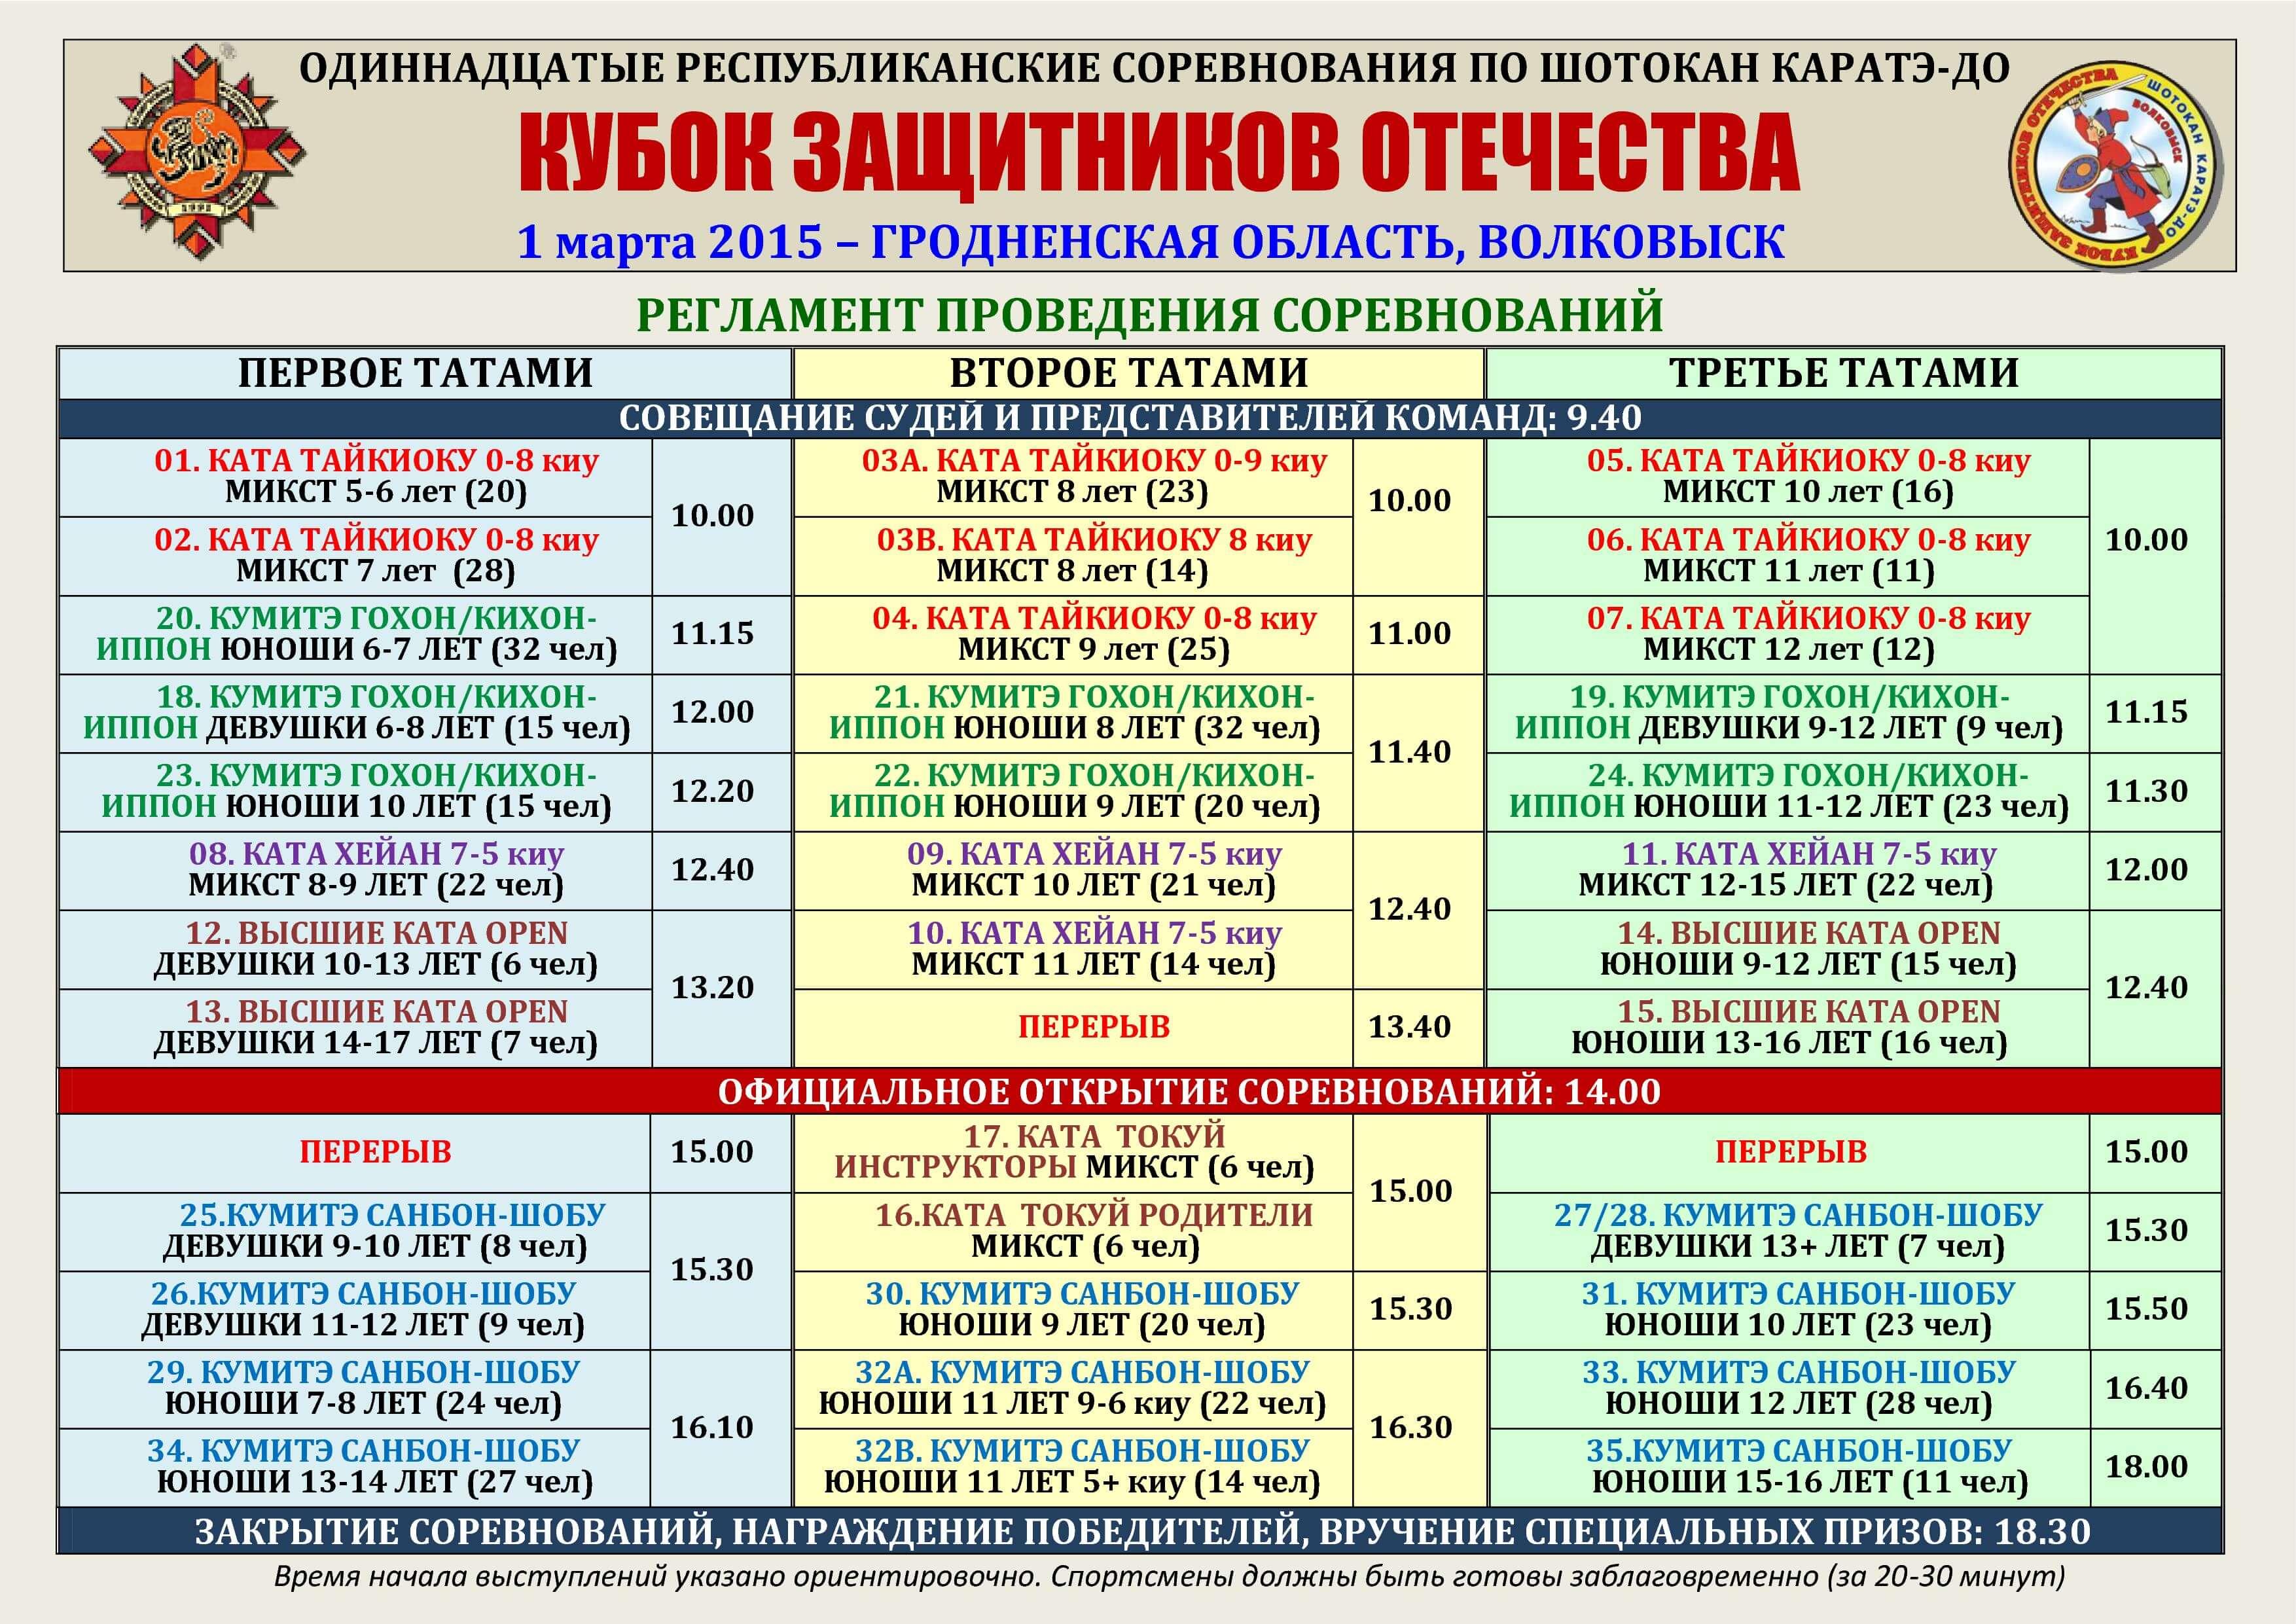 Волковыск-2015 Регламент проведения